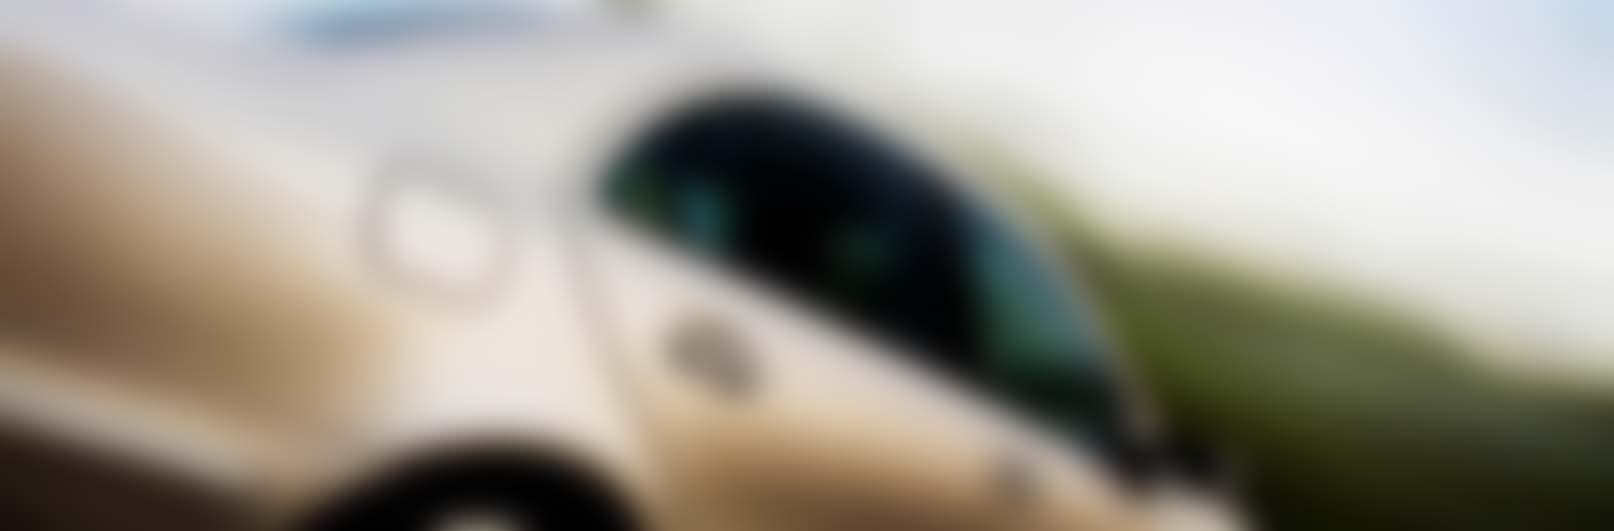 Providing Company Cars